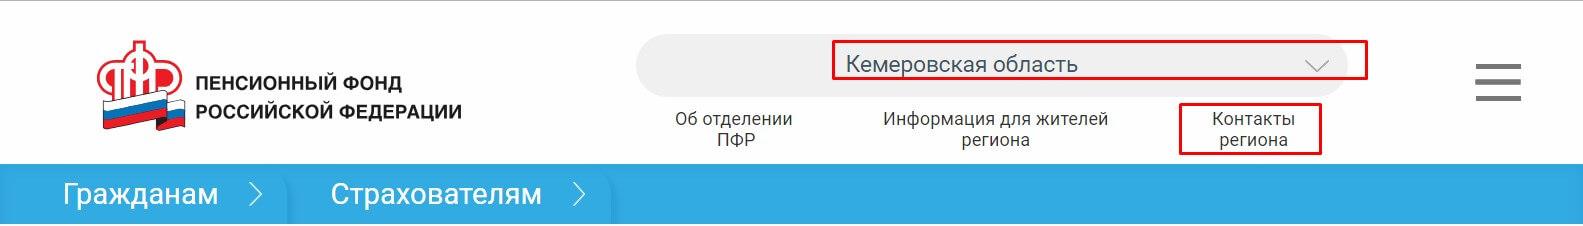 Пенсионный фонд Киселевск Кемеровской области